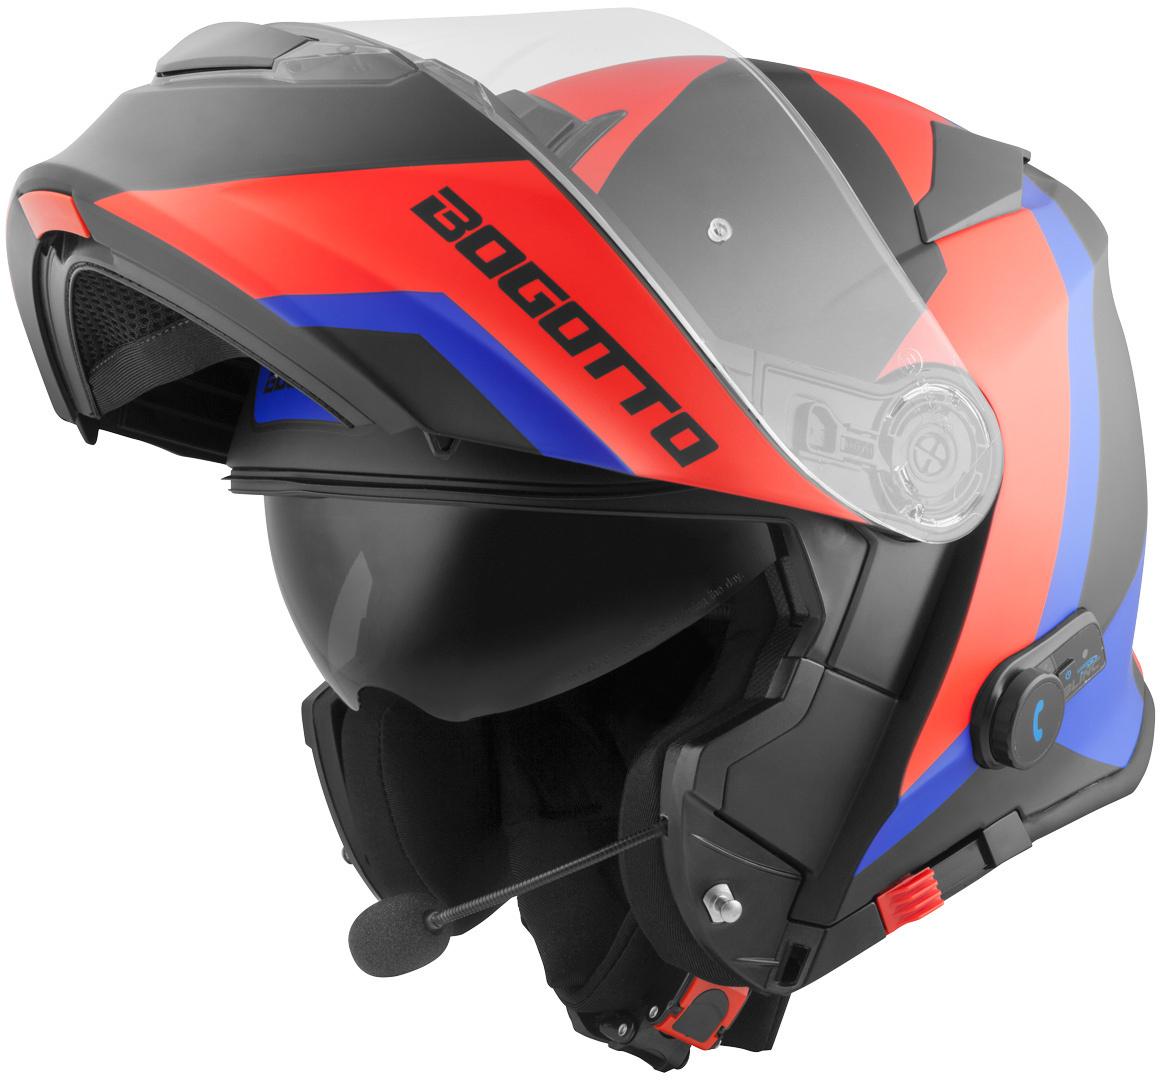 Bogotto V271 BT Zabu Bluetooth Klapphelm, schwarz-rot-blau, Größe L, schwarz-rot-blau, Größe L